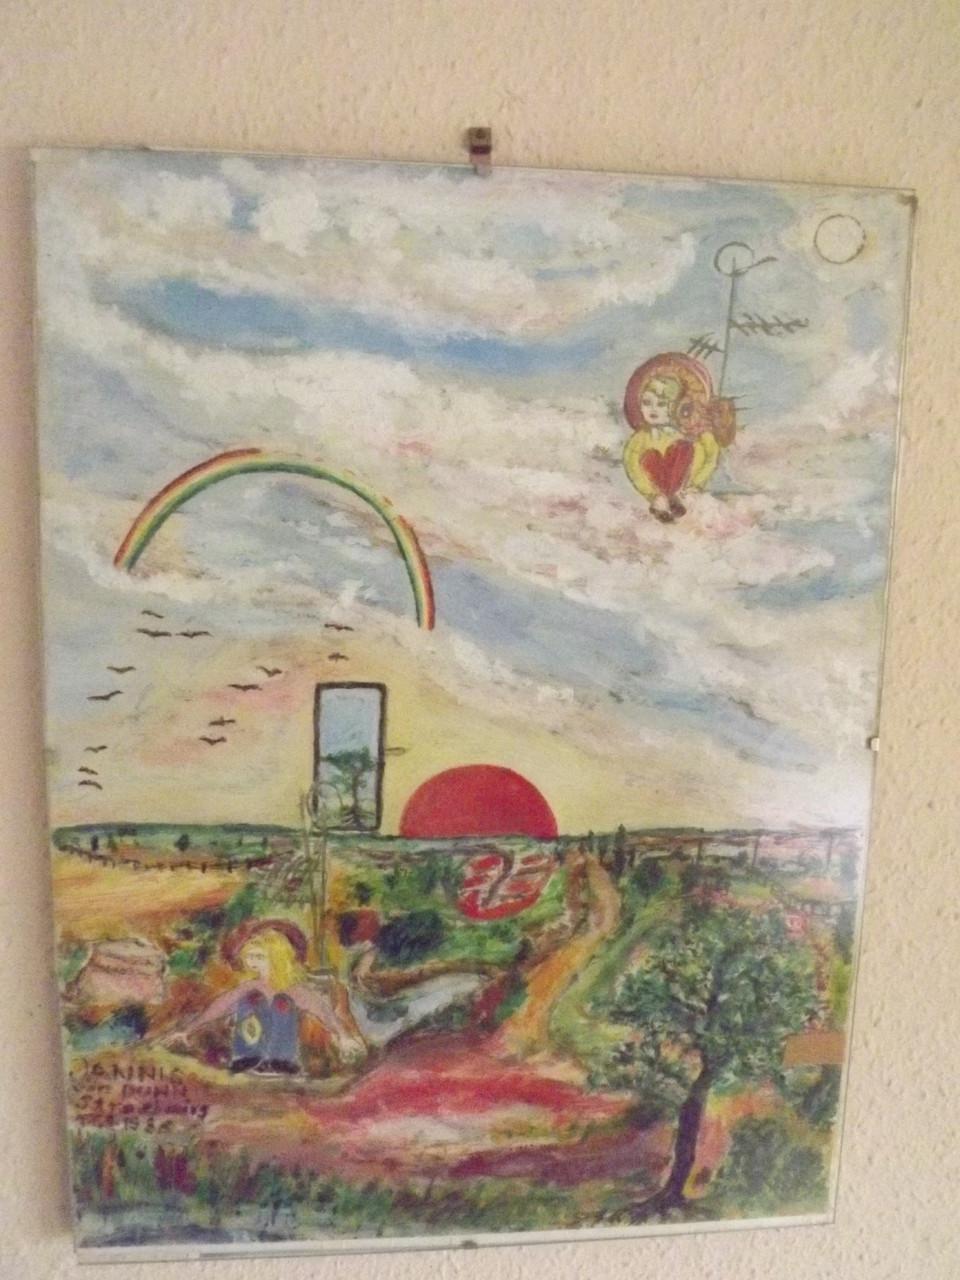 Symbolisches Gemälde zur gespaltenen Identität der Menschen in Funknetzen, 1986 von Jan von Duhn